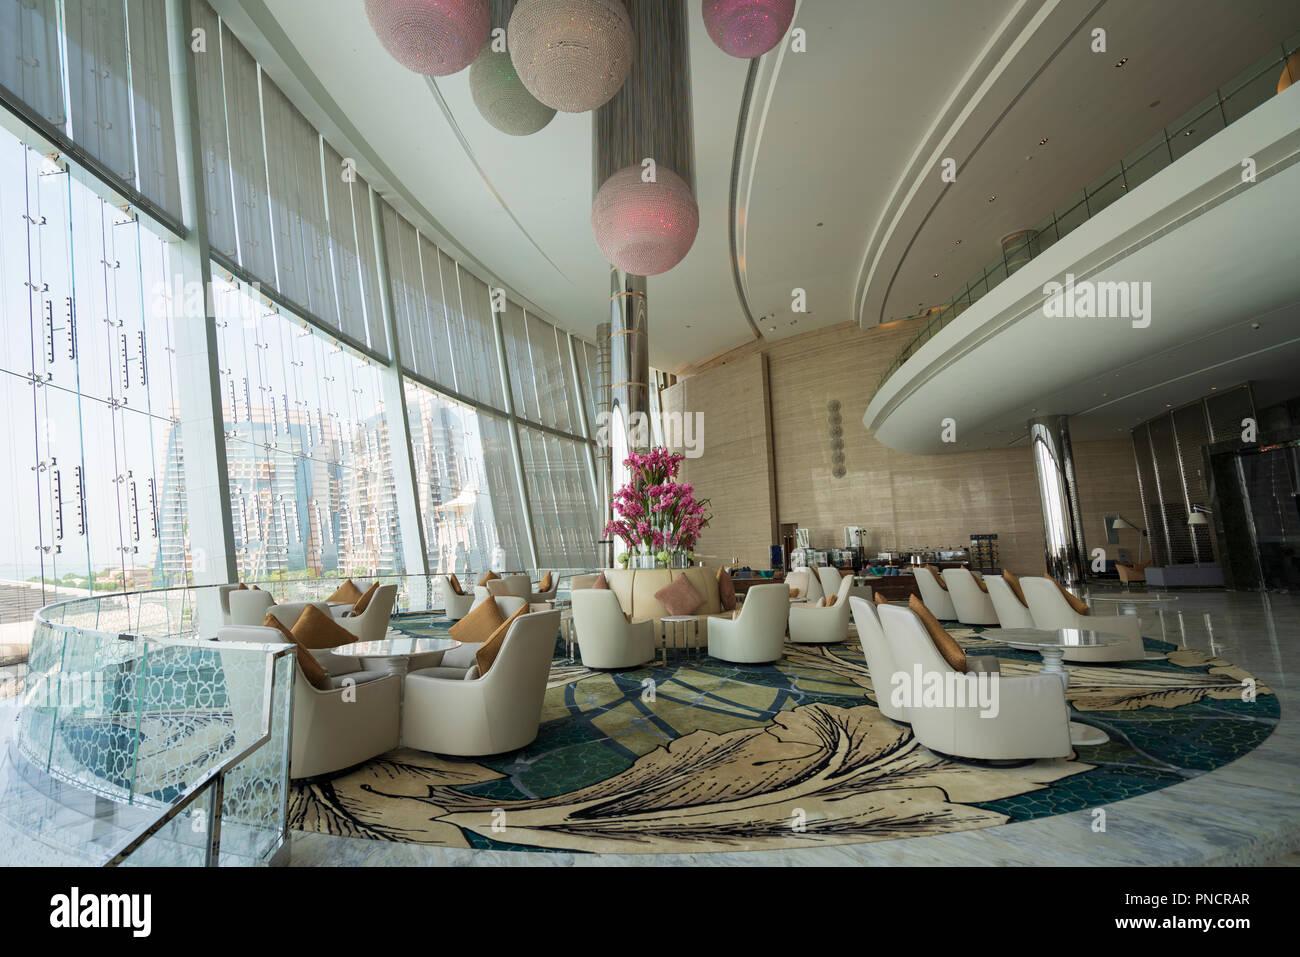 Interior of Etihad Jumeirah Hotel in Abu Dhabi, UAE, united Arab Emirates - Stock Image